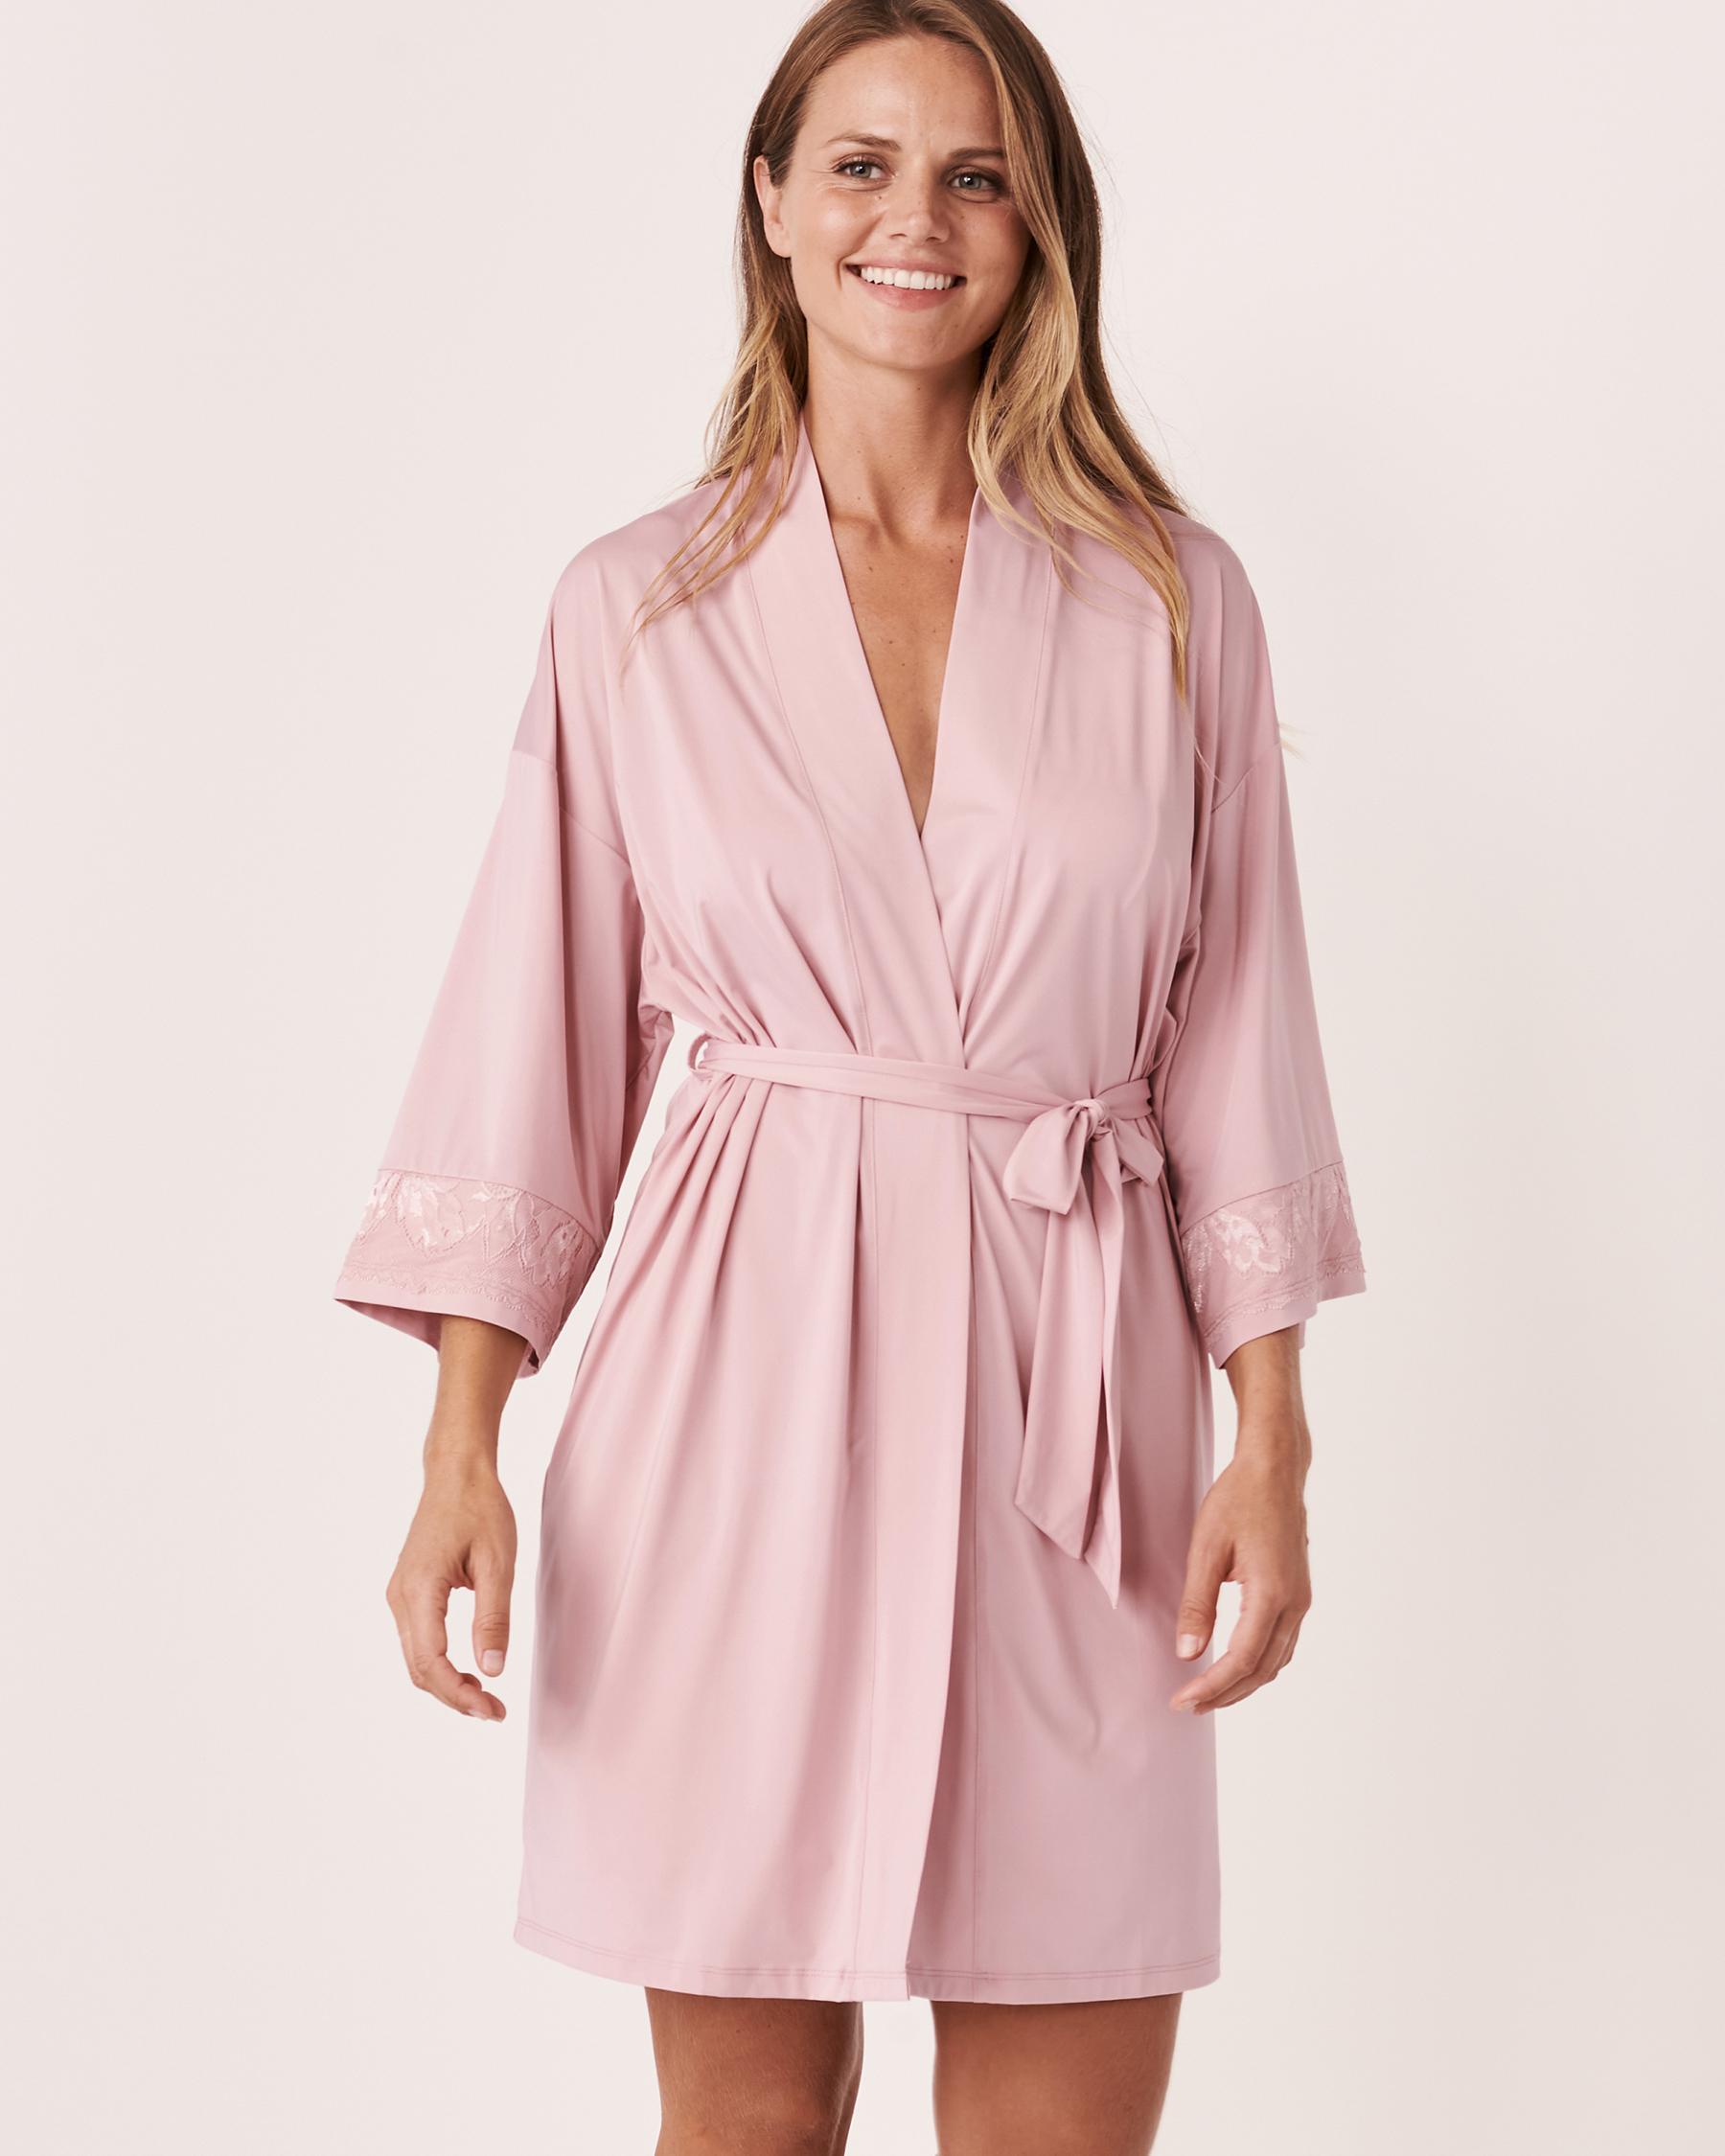 LA VIE EN ROSE Recycled Fibers Lace Trim Kimono Lilac 60600008 - View1